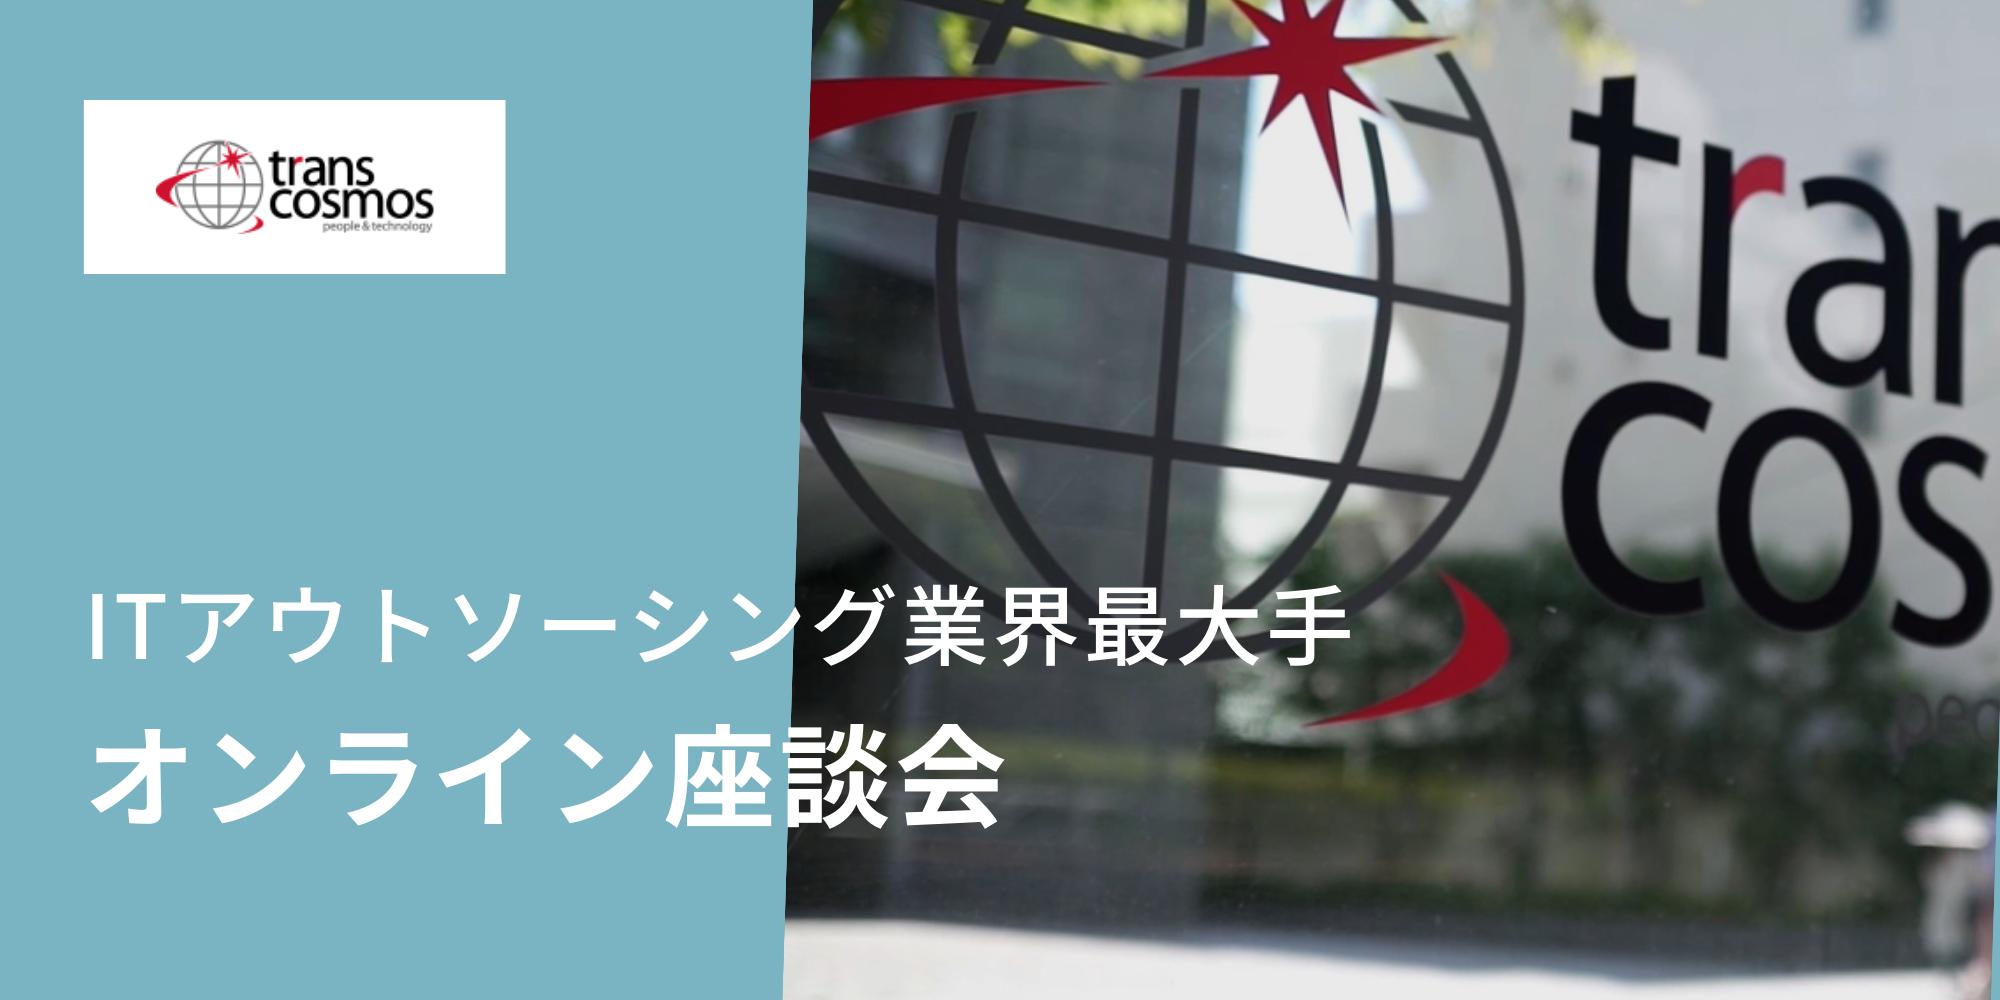 【トランスコスモス】業界最大手オンライン座談会